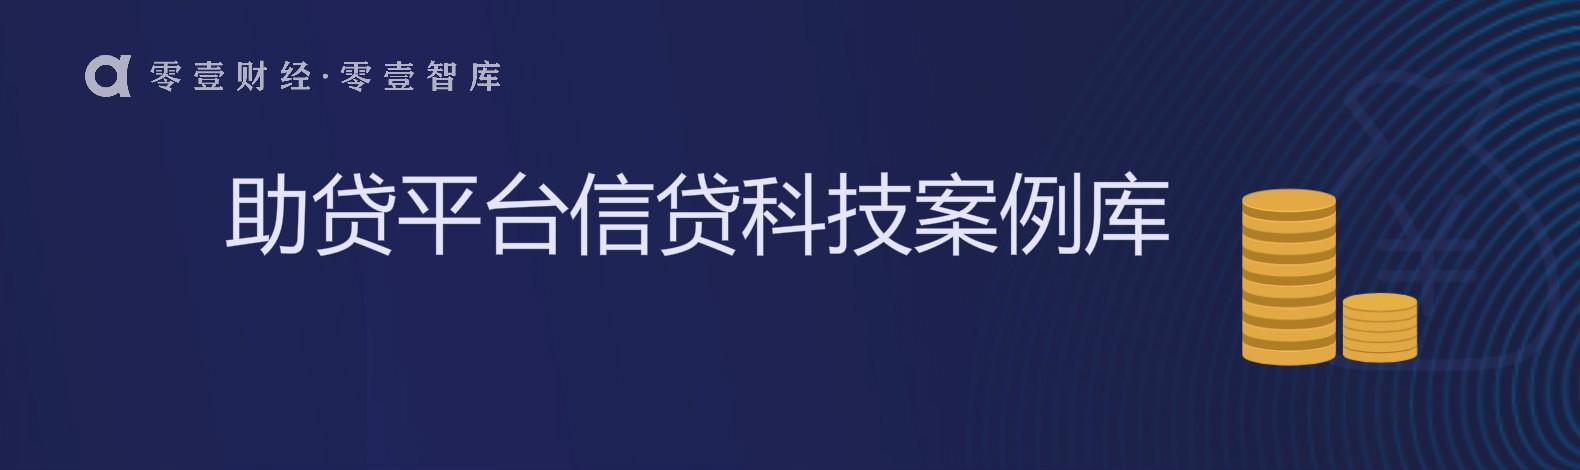 助贷平台信贷科技案例库